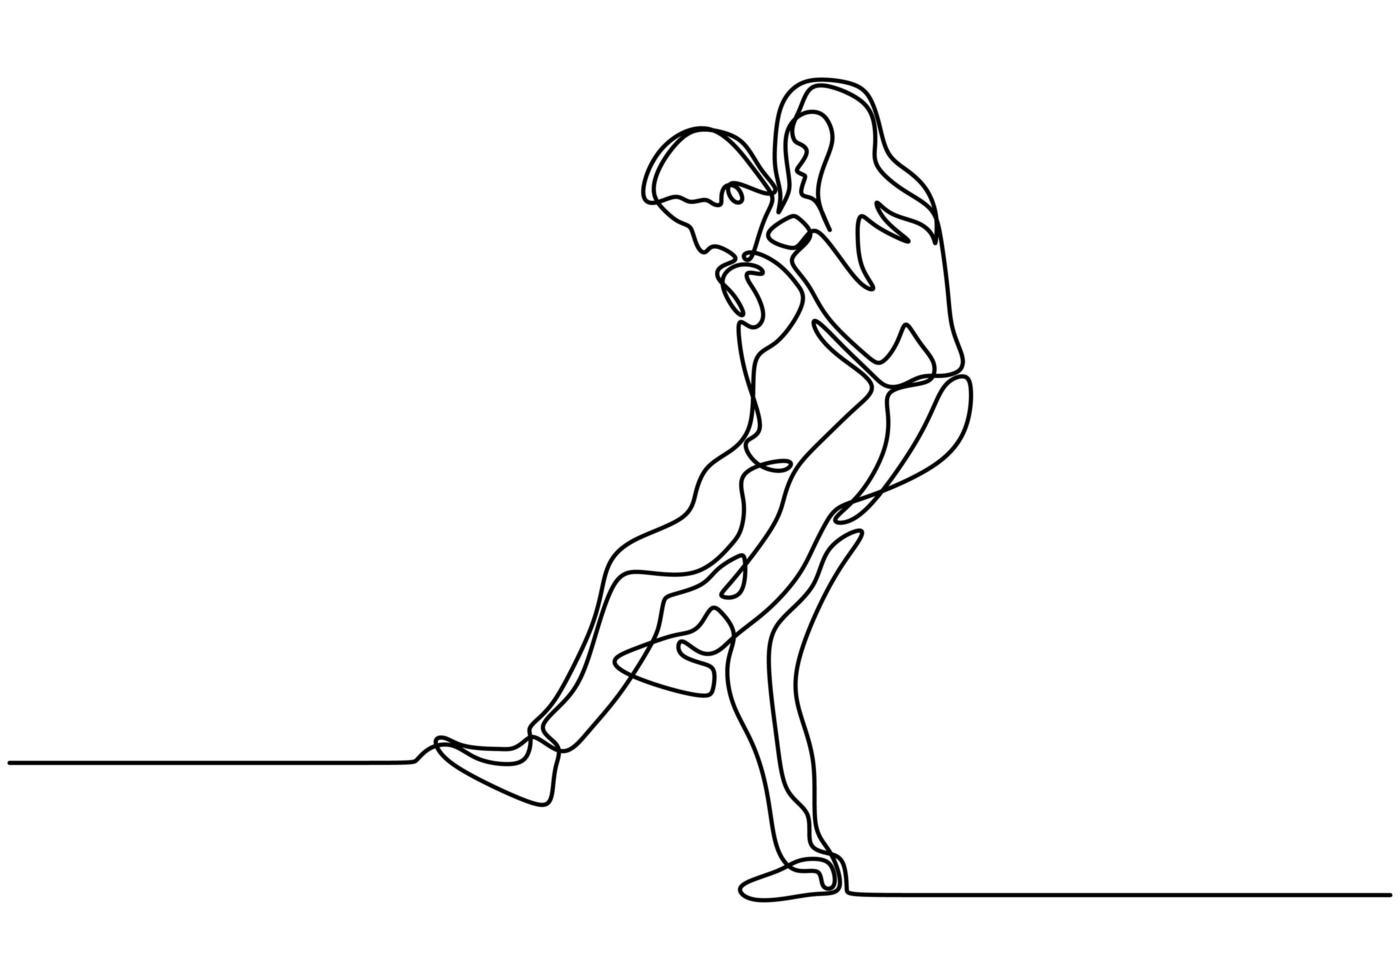 desenho de linha contínua. casal romantico. design de conceito de tema de amantes. minimalismo desenhado de uma mão. metáfora de ilustração vetorial de amor, homem carregando a menina isolada no fundo branco. vetor